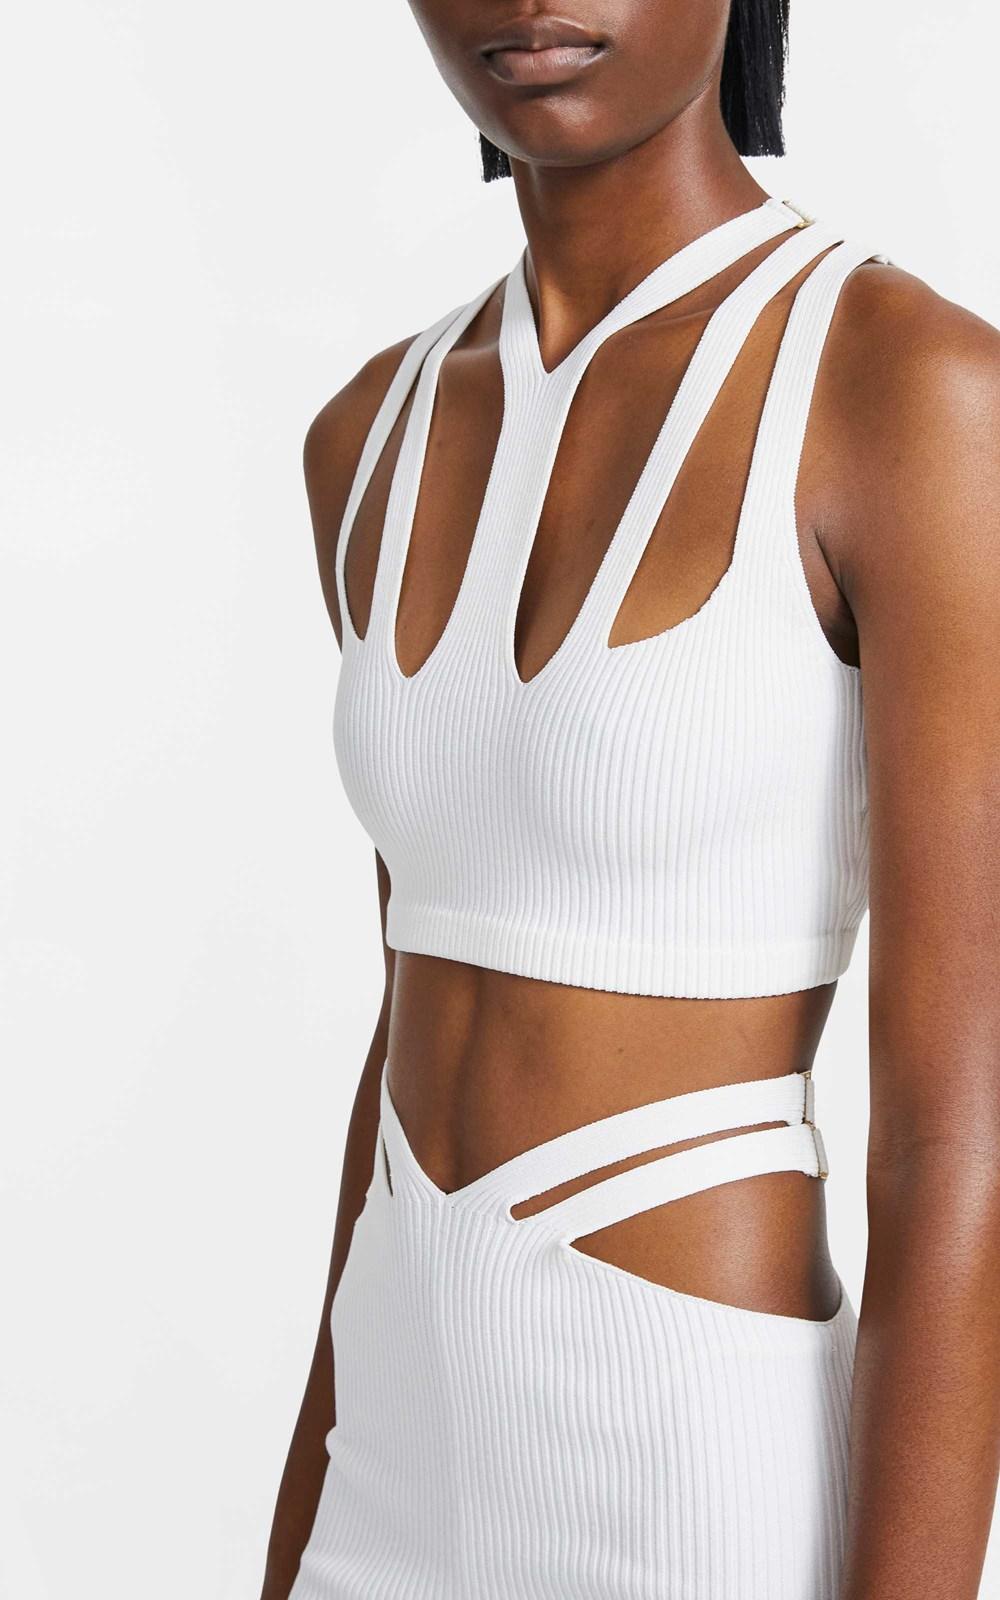 Knitwear | LUSTRATE FORK CROP TOP